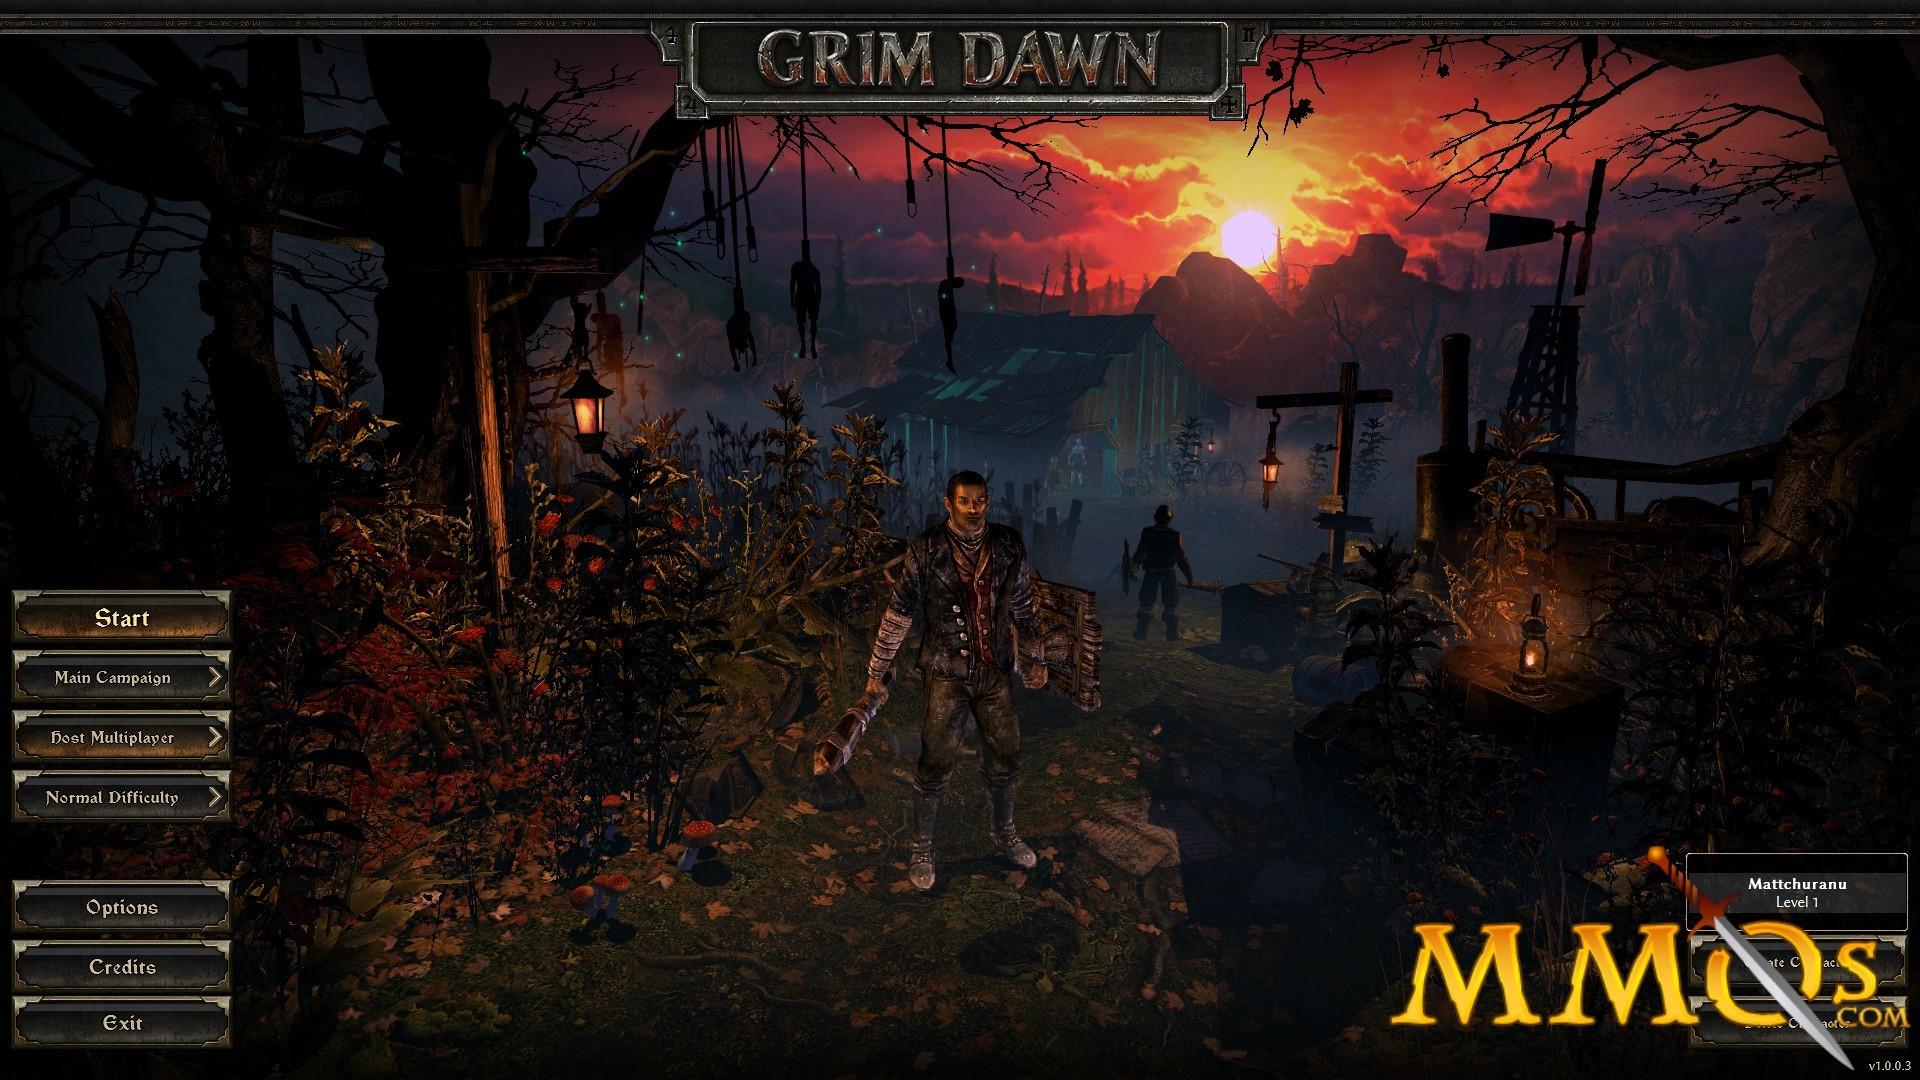 grim dawn title screen